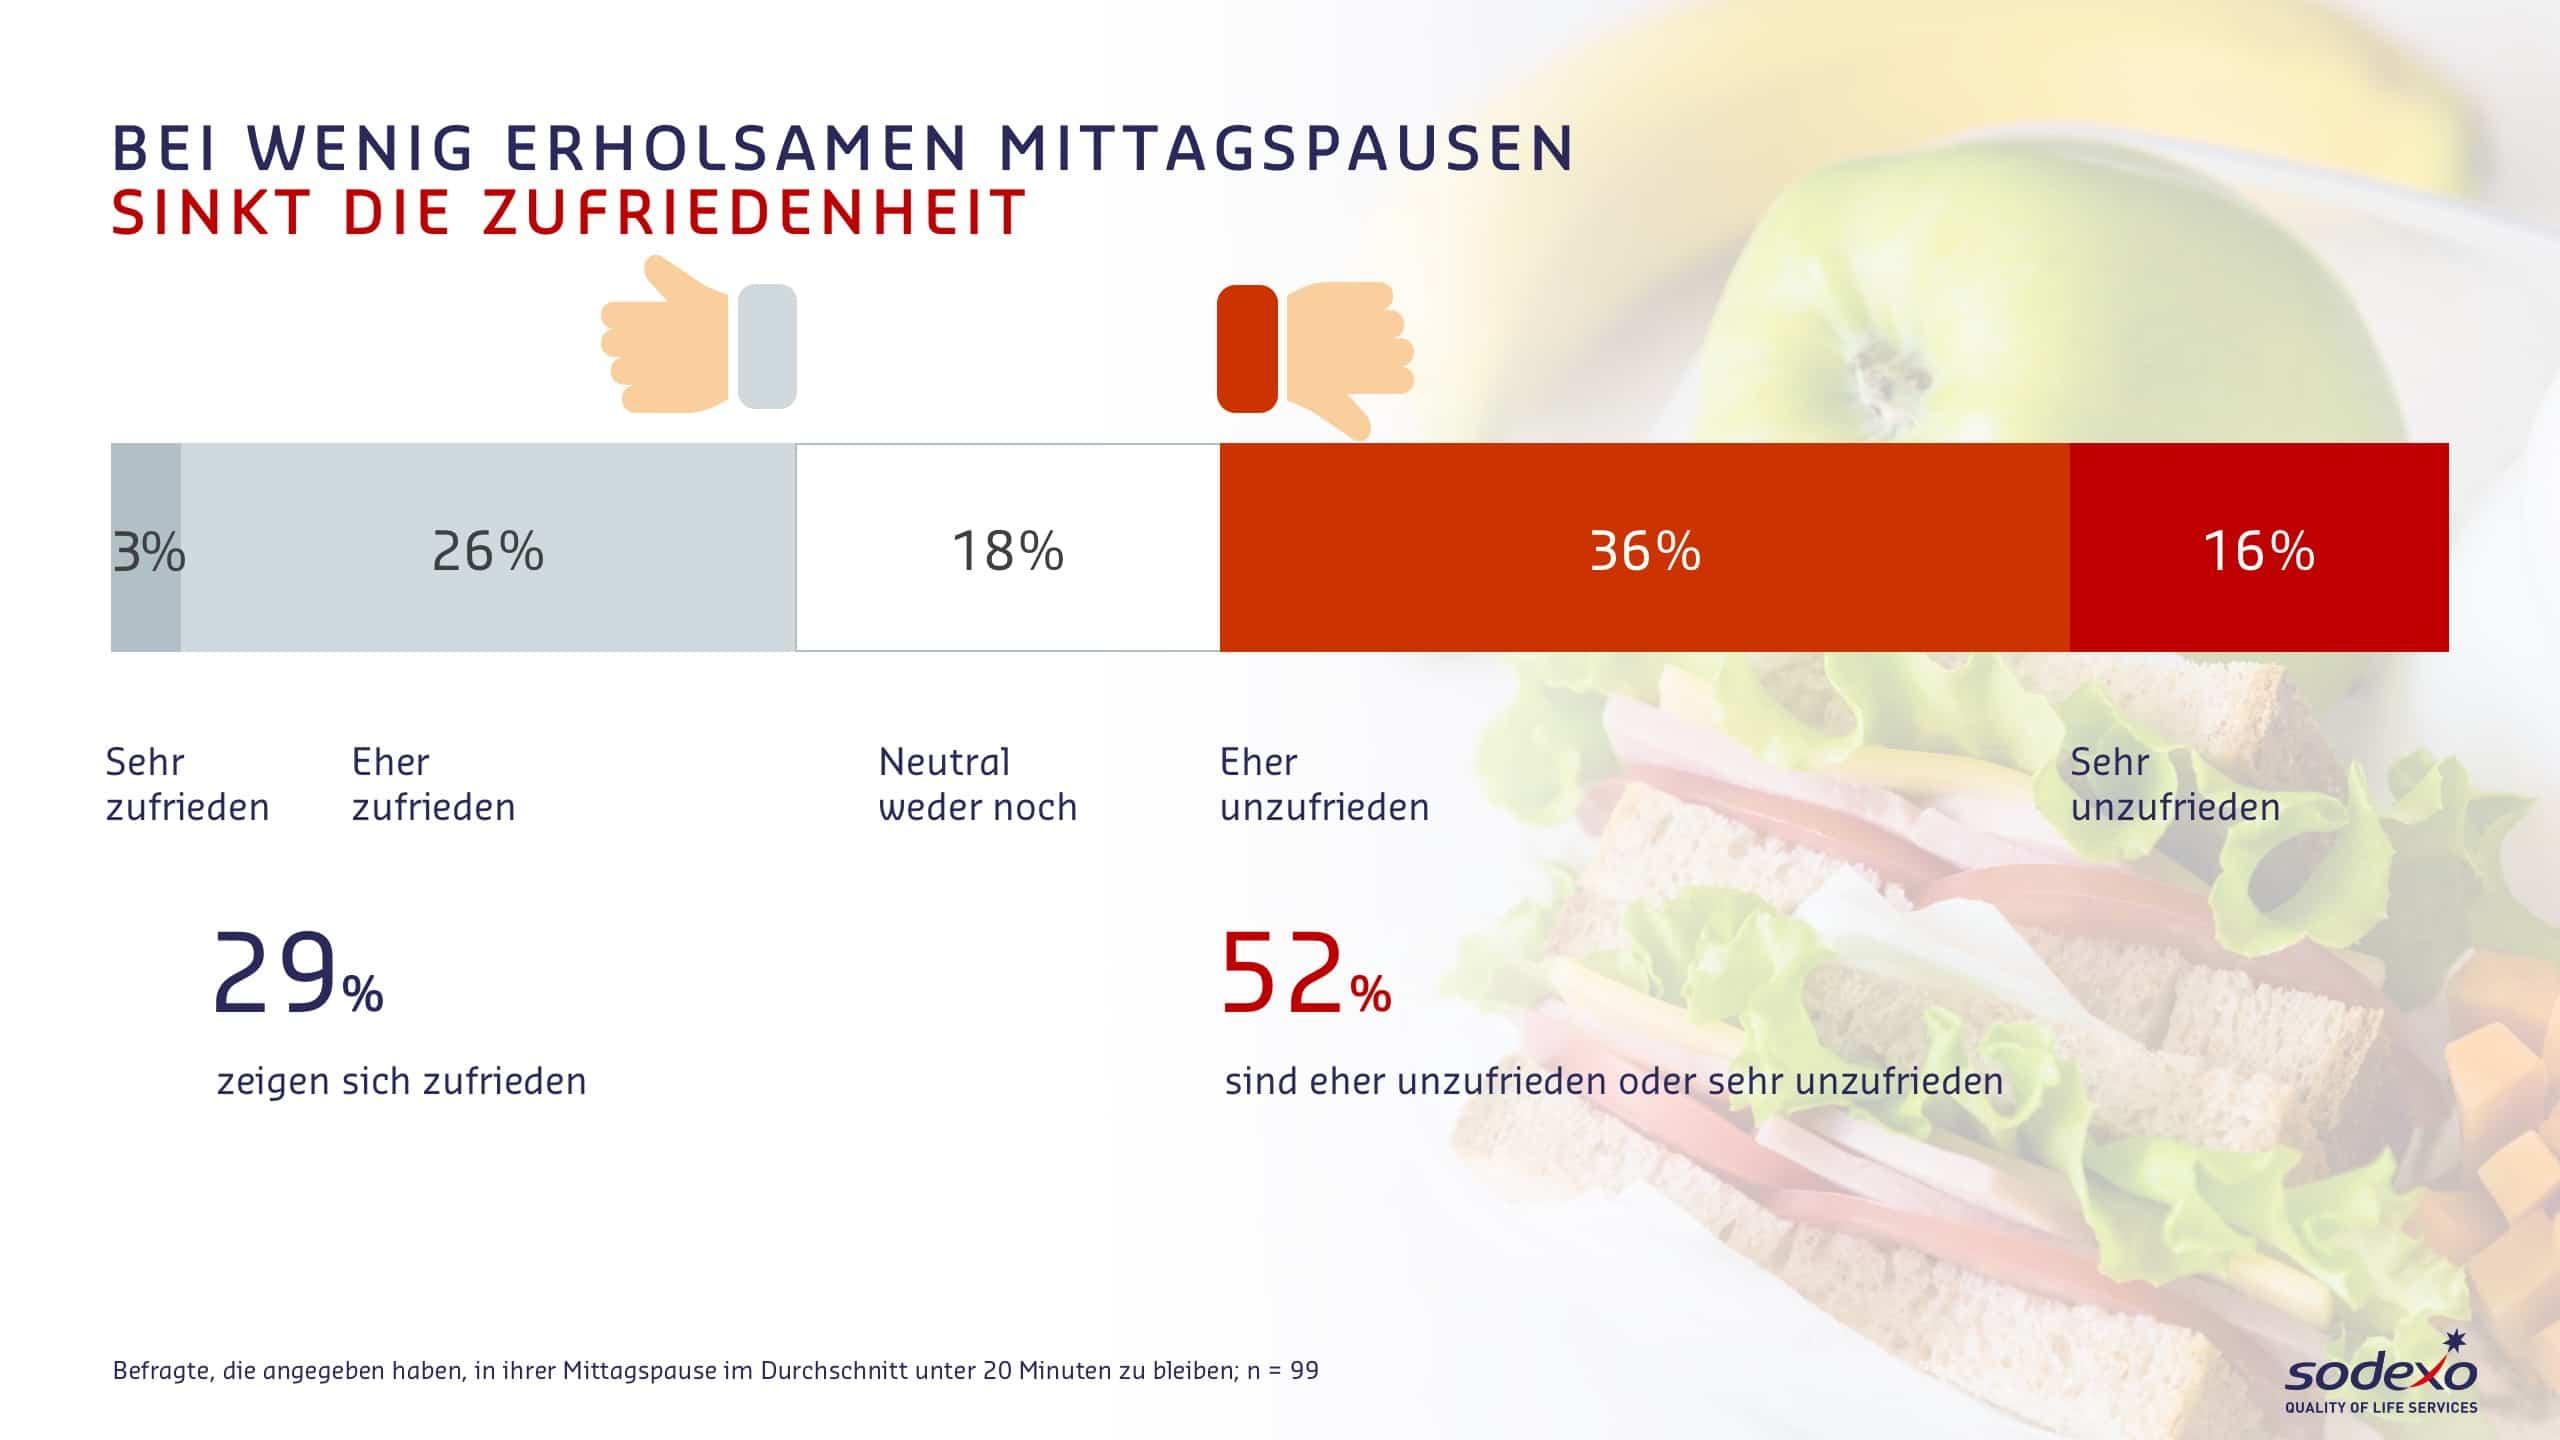 Infografik-über-die-Mittagspause-am-Arbeitsplatz